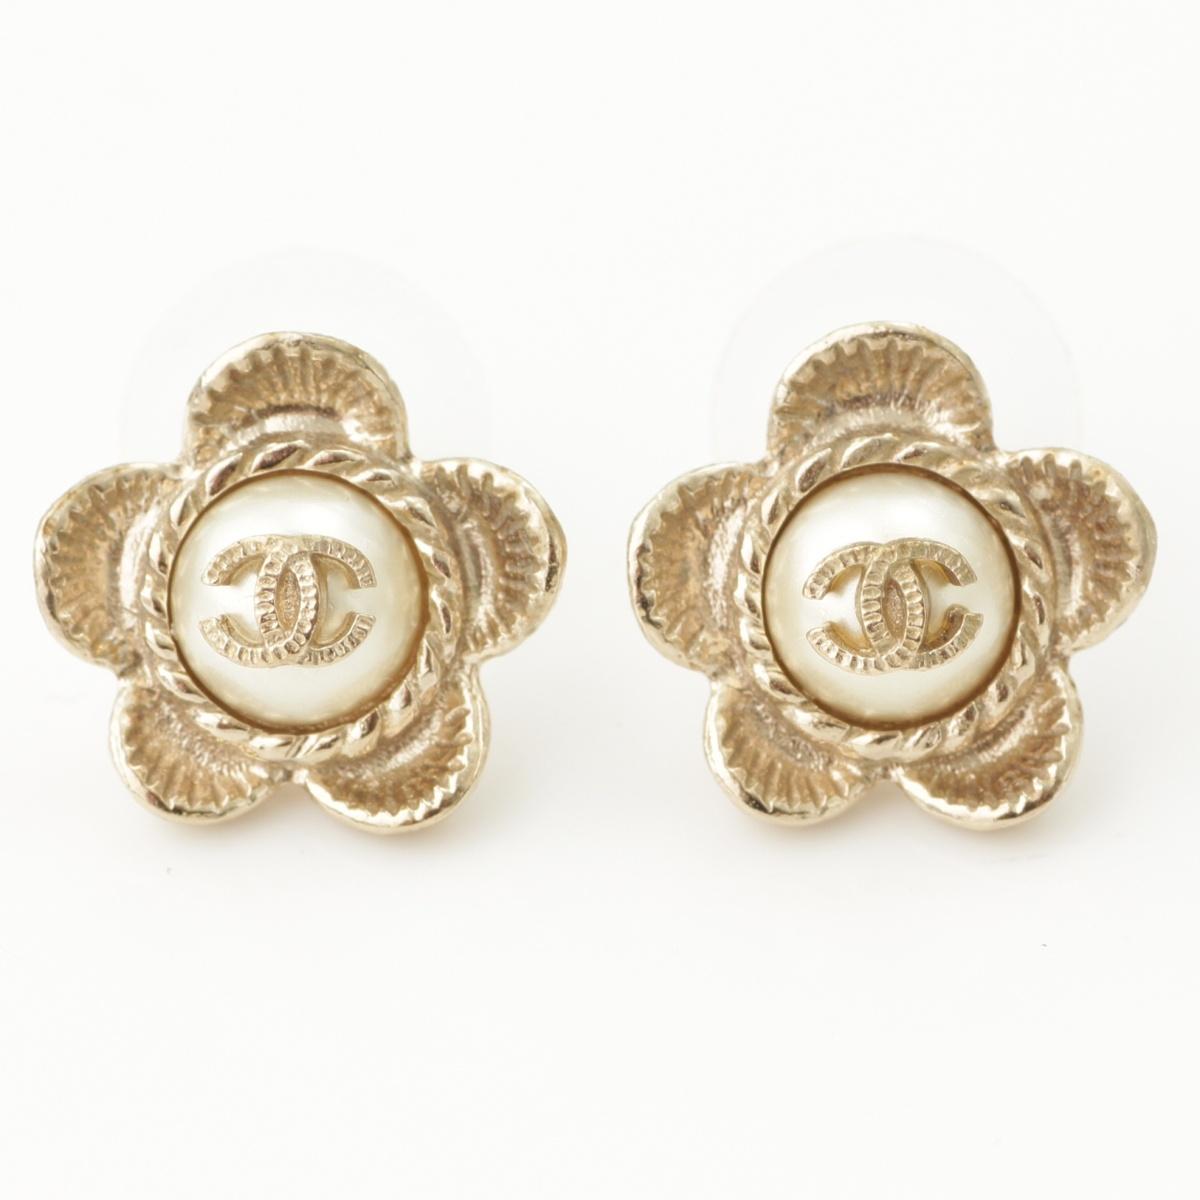 【シャネル】Chanel B16 ココマーク フラワー パール ピアス ゴールド 【中古】【鑑定済・正規品保証】61606